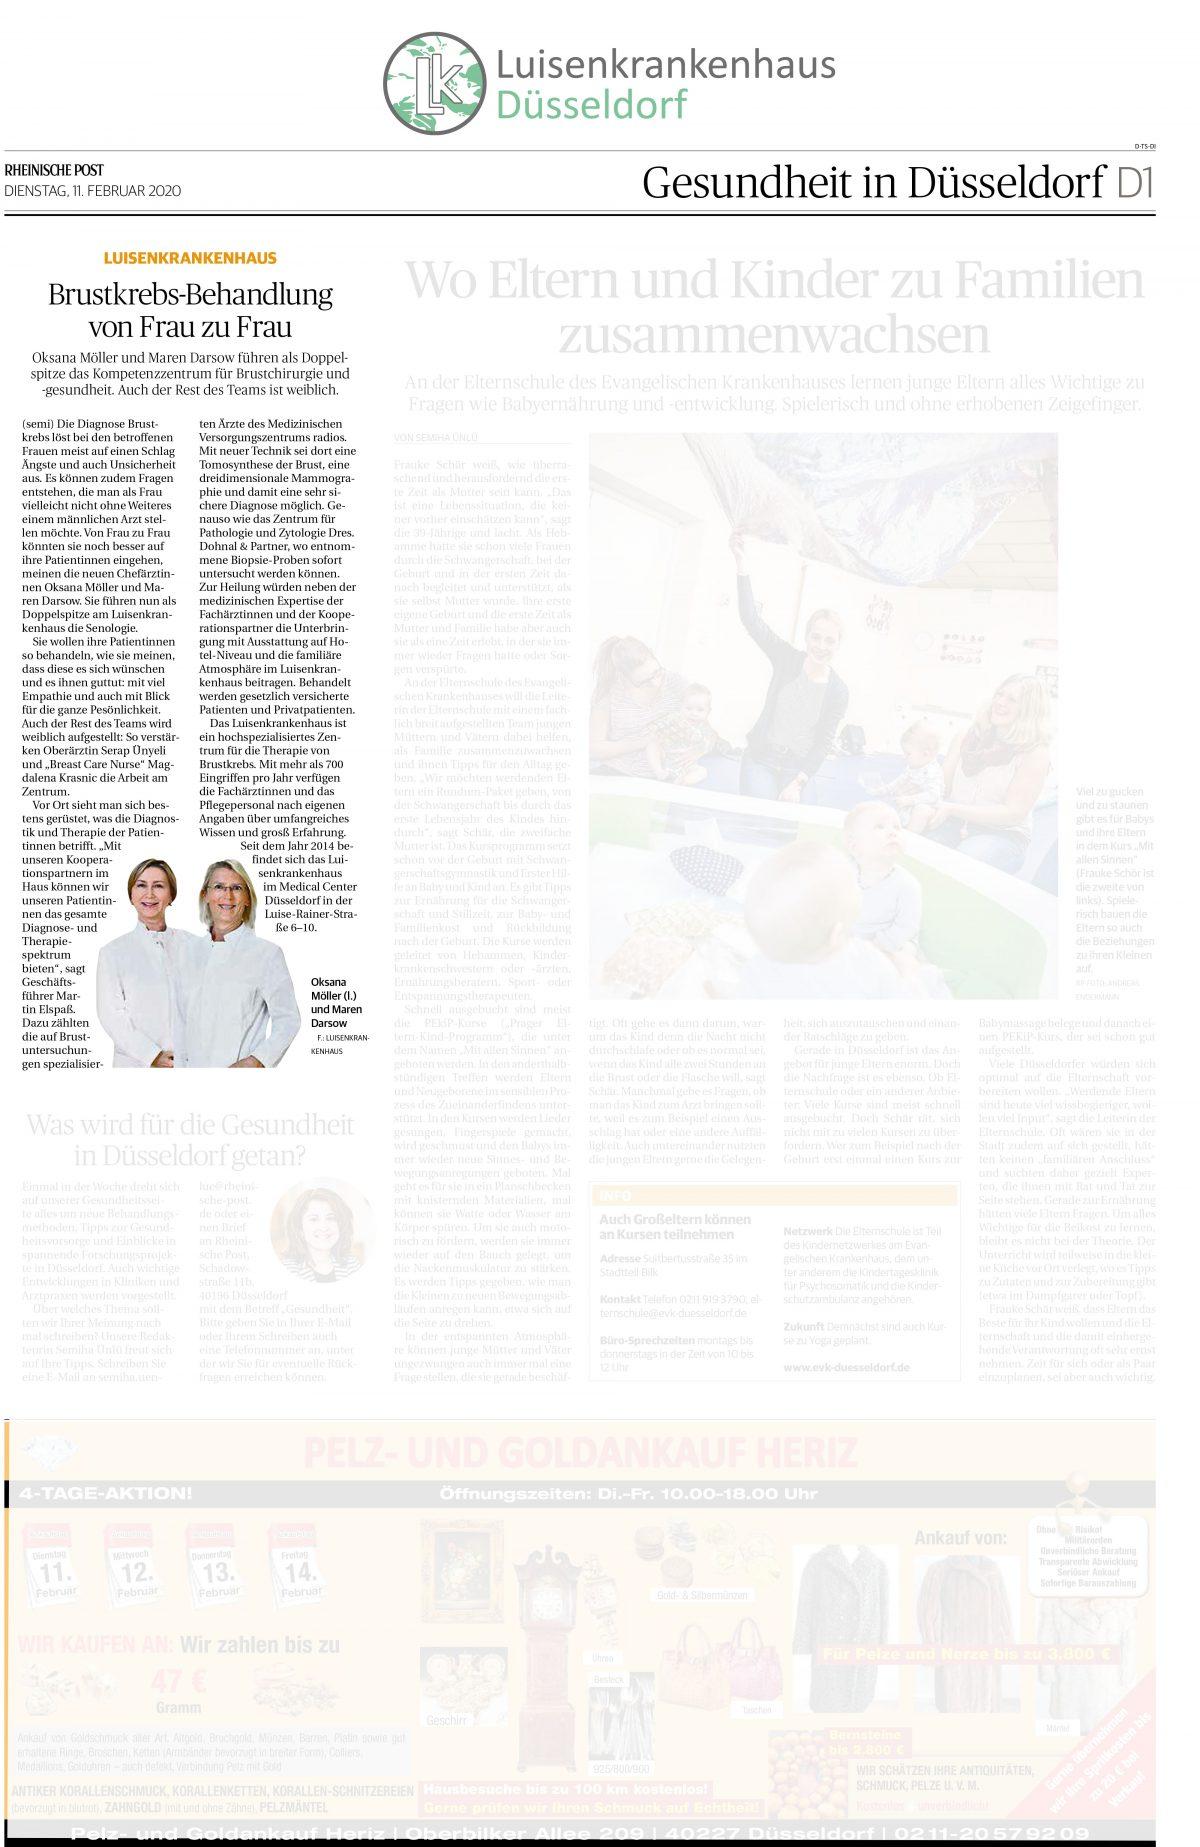 Pressemeldung über das Luisenkrankenhaus in der Rheinischen Post